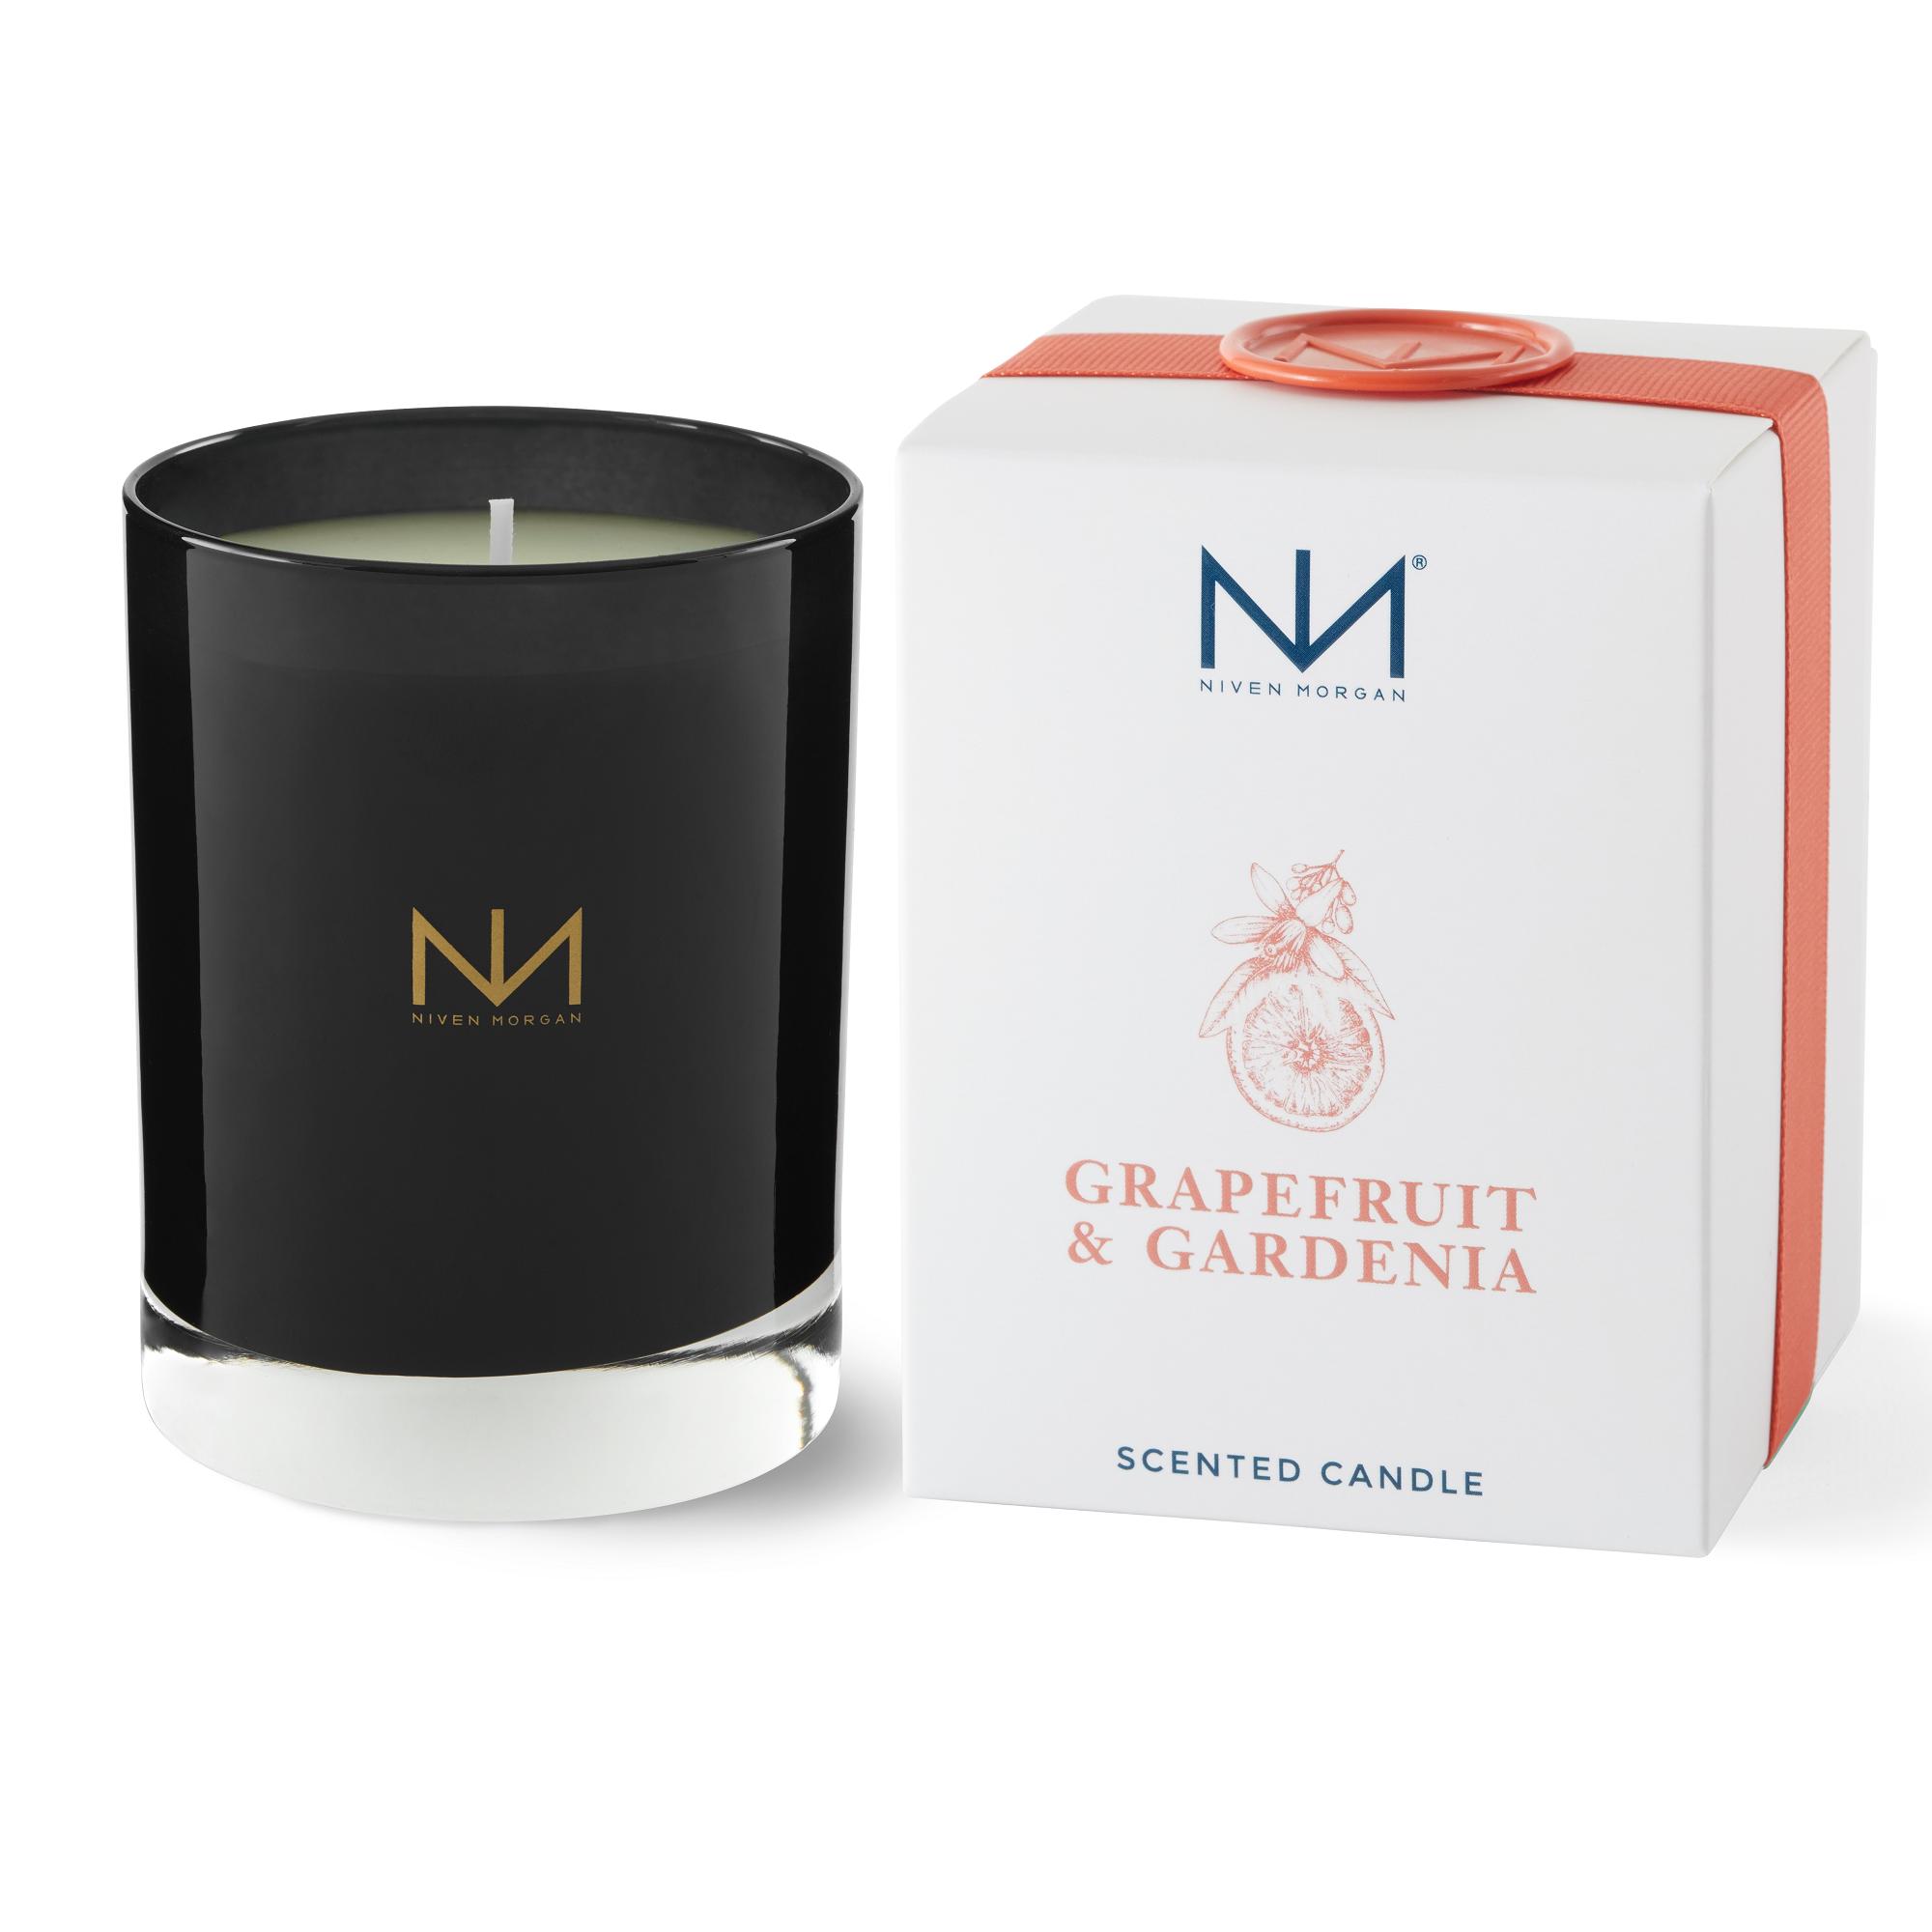 Niven Morgan Grapefruit & Gardenia Boxed Candle